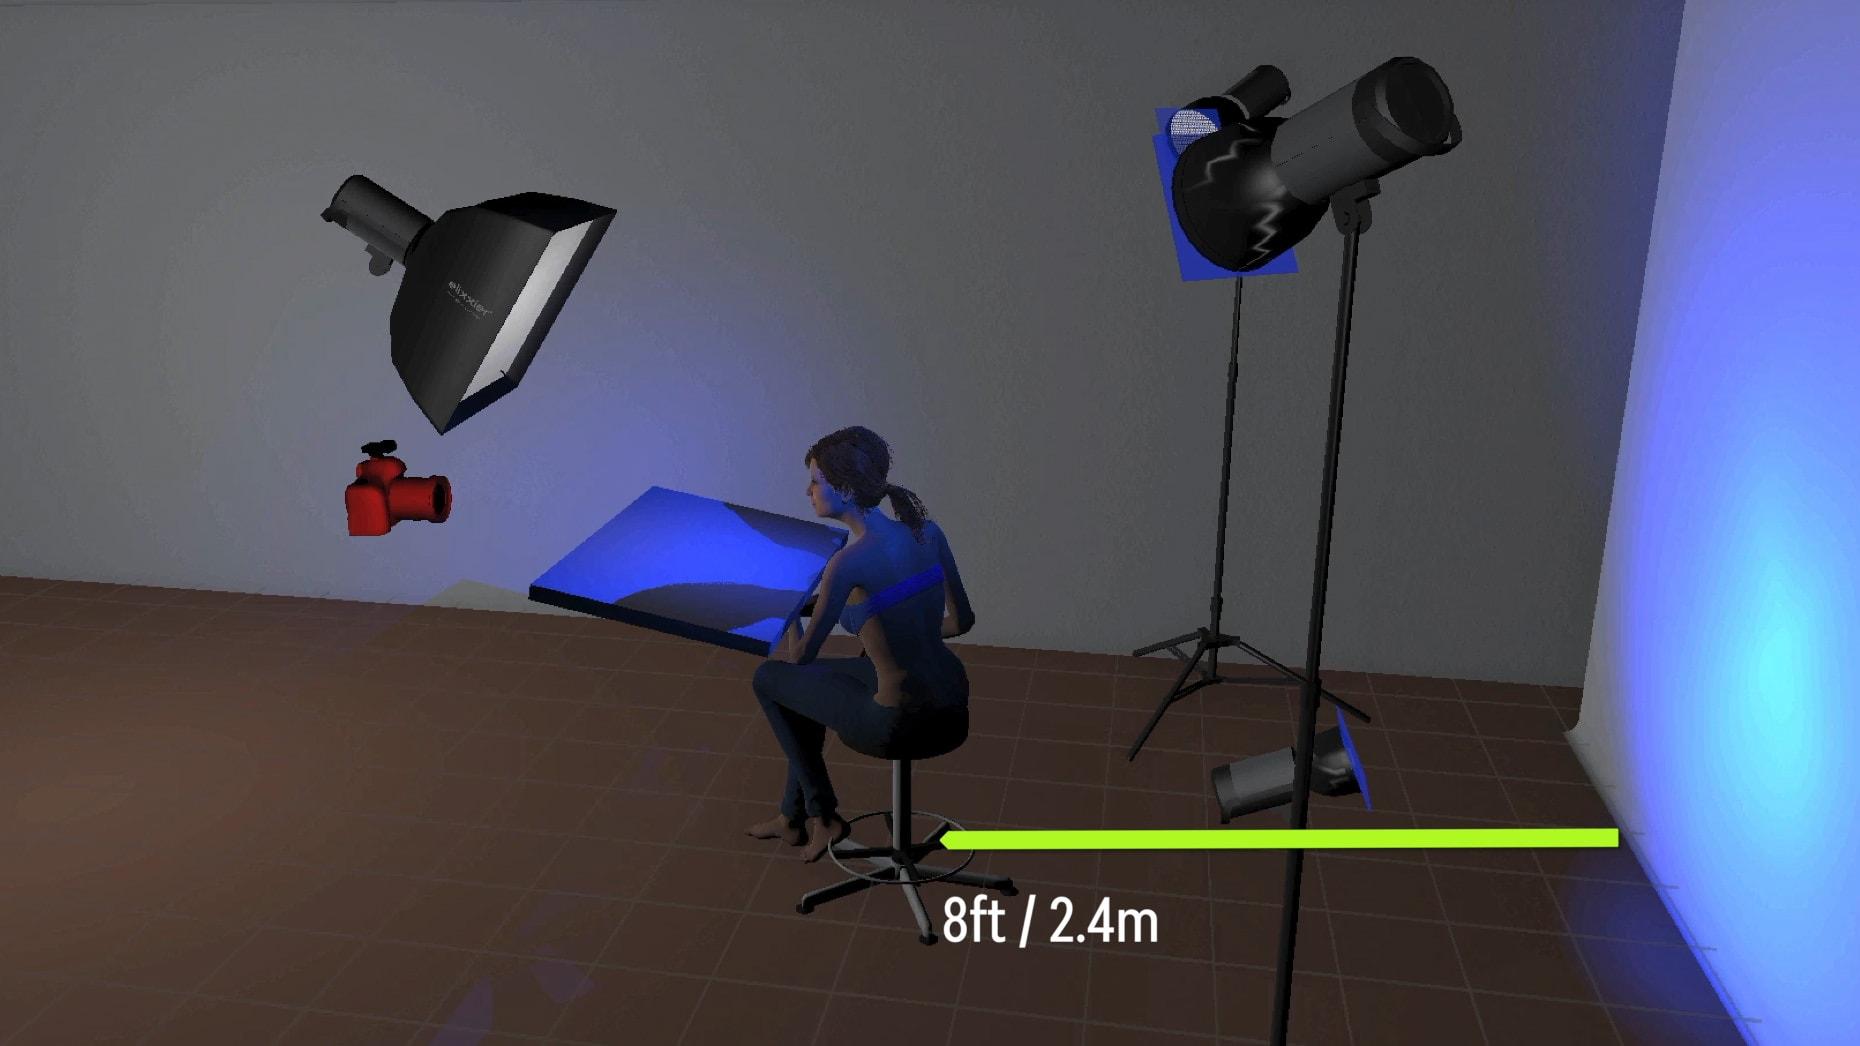 LightRoom digital rendering of setup